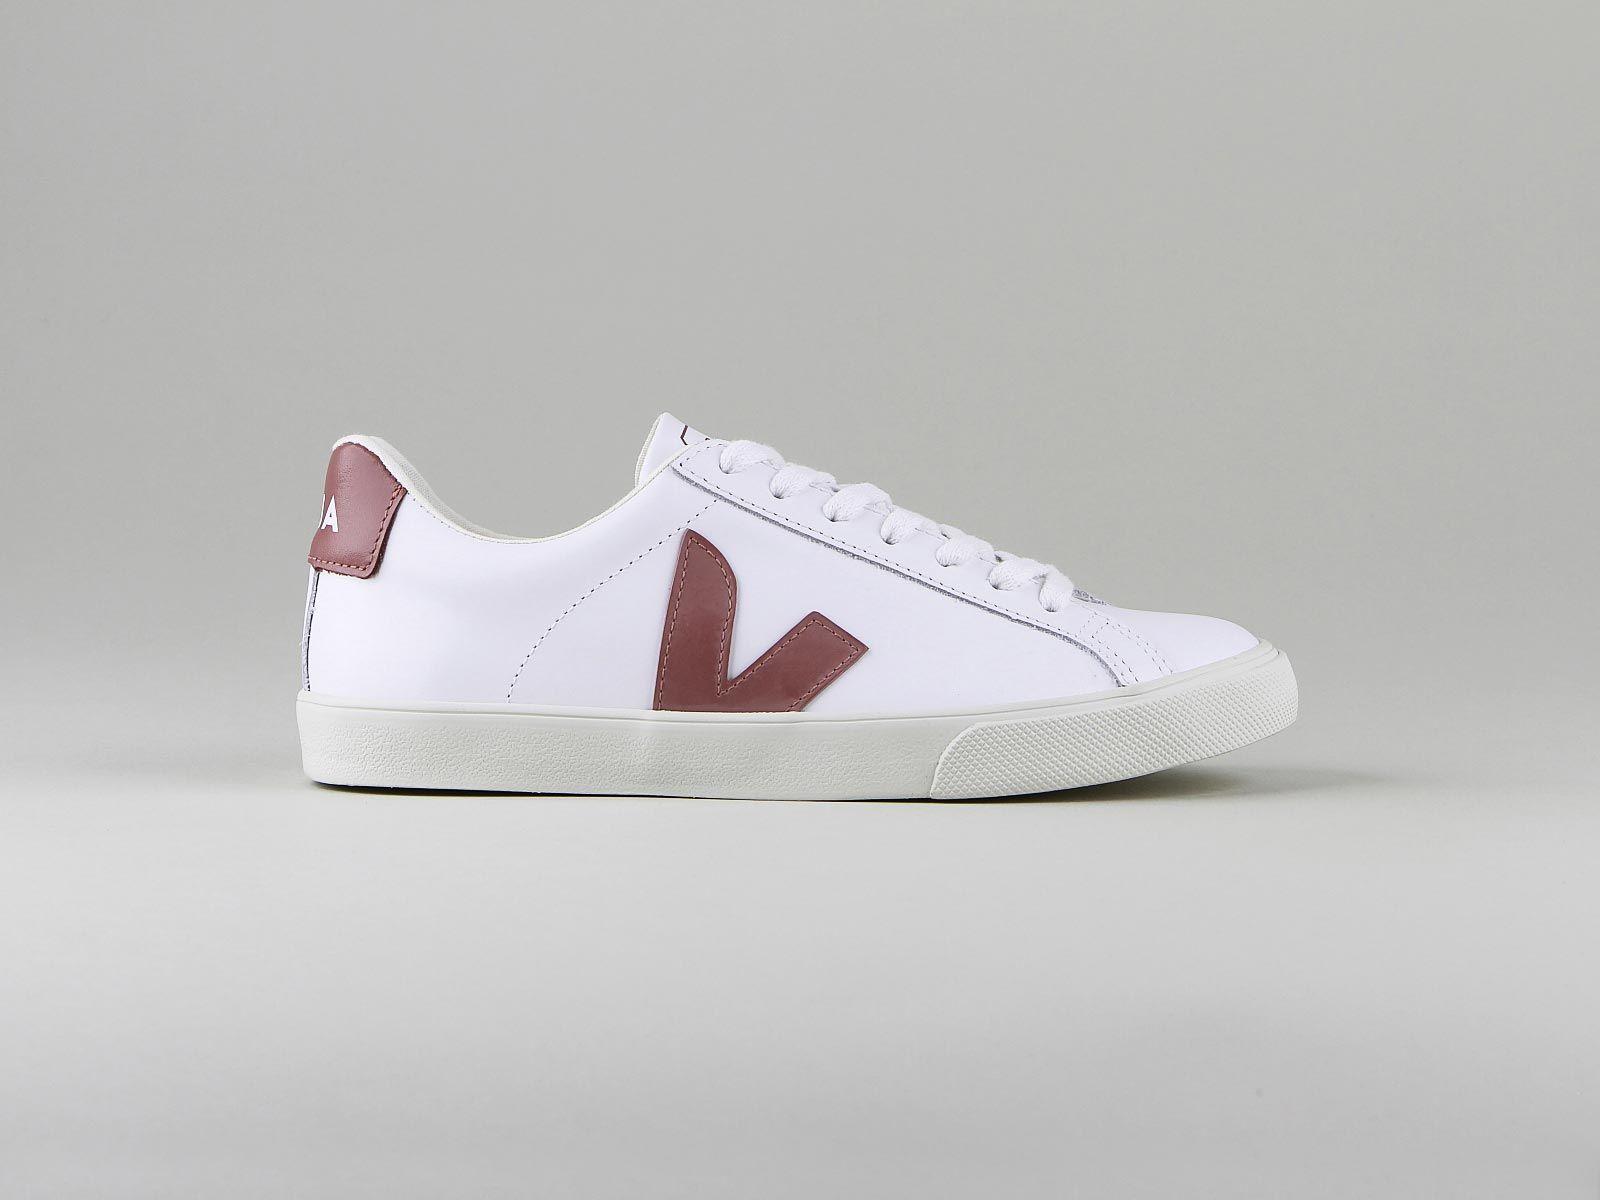 ESPLAR Femme LacetsBaskets Chaussures sneakers Veja 76IyYvbfg